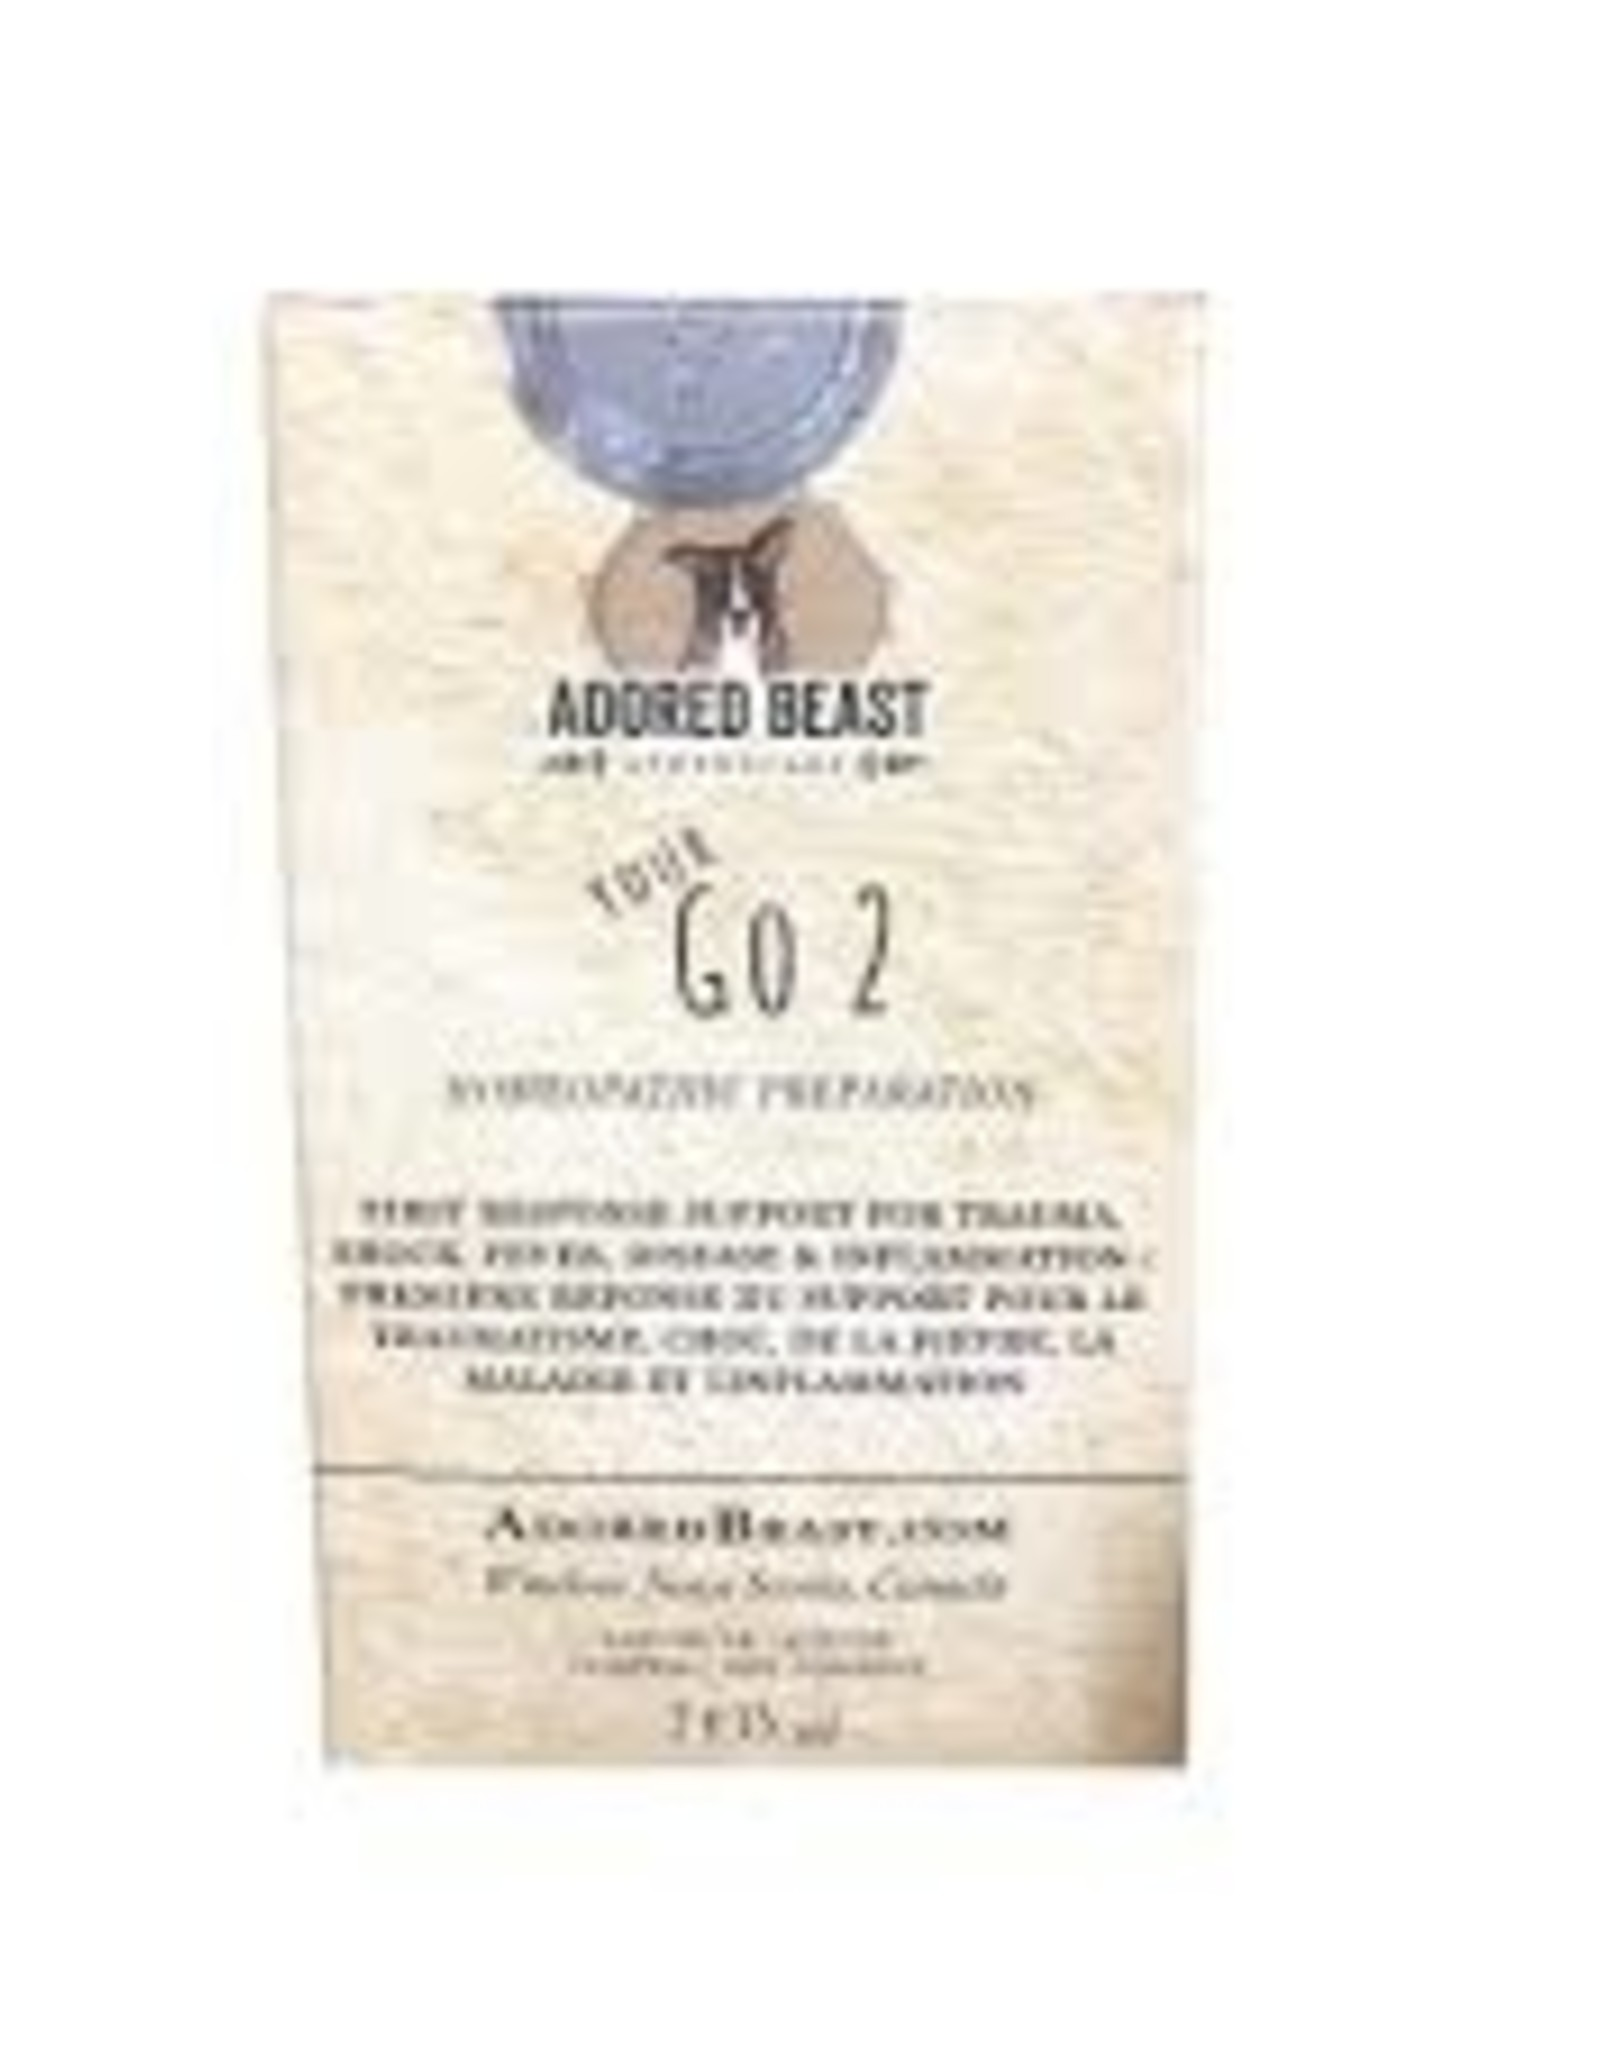 Adored Beast Apothecary Adored Beast Apothecary Go 2 2x15ml